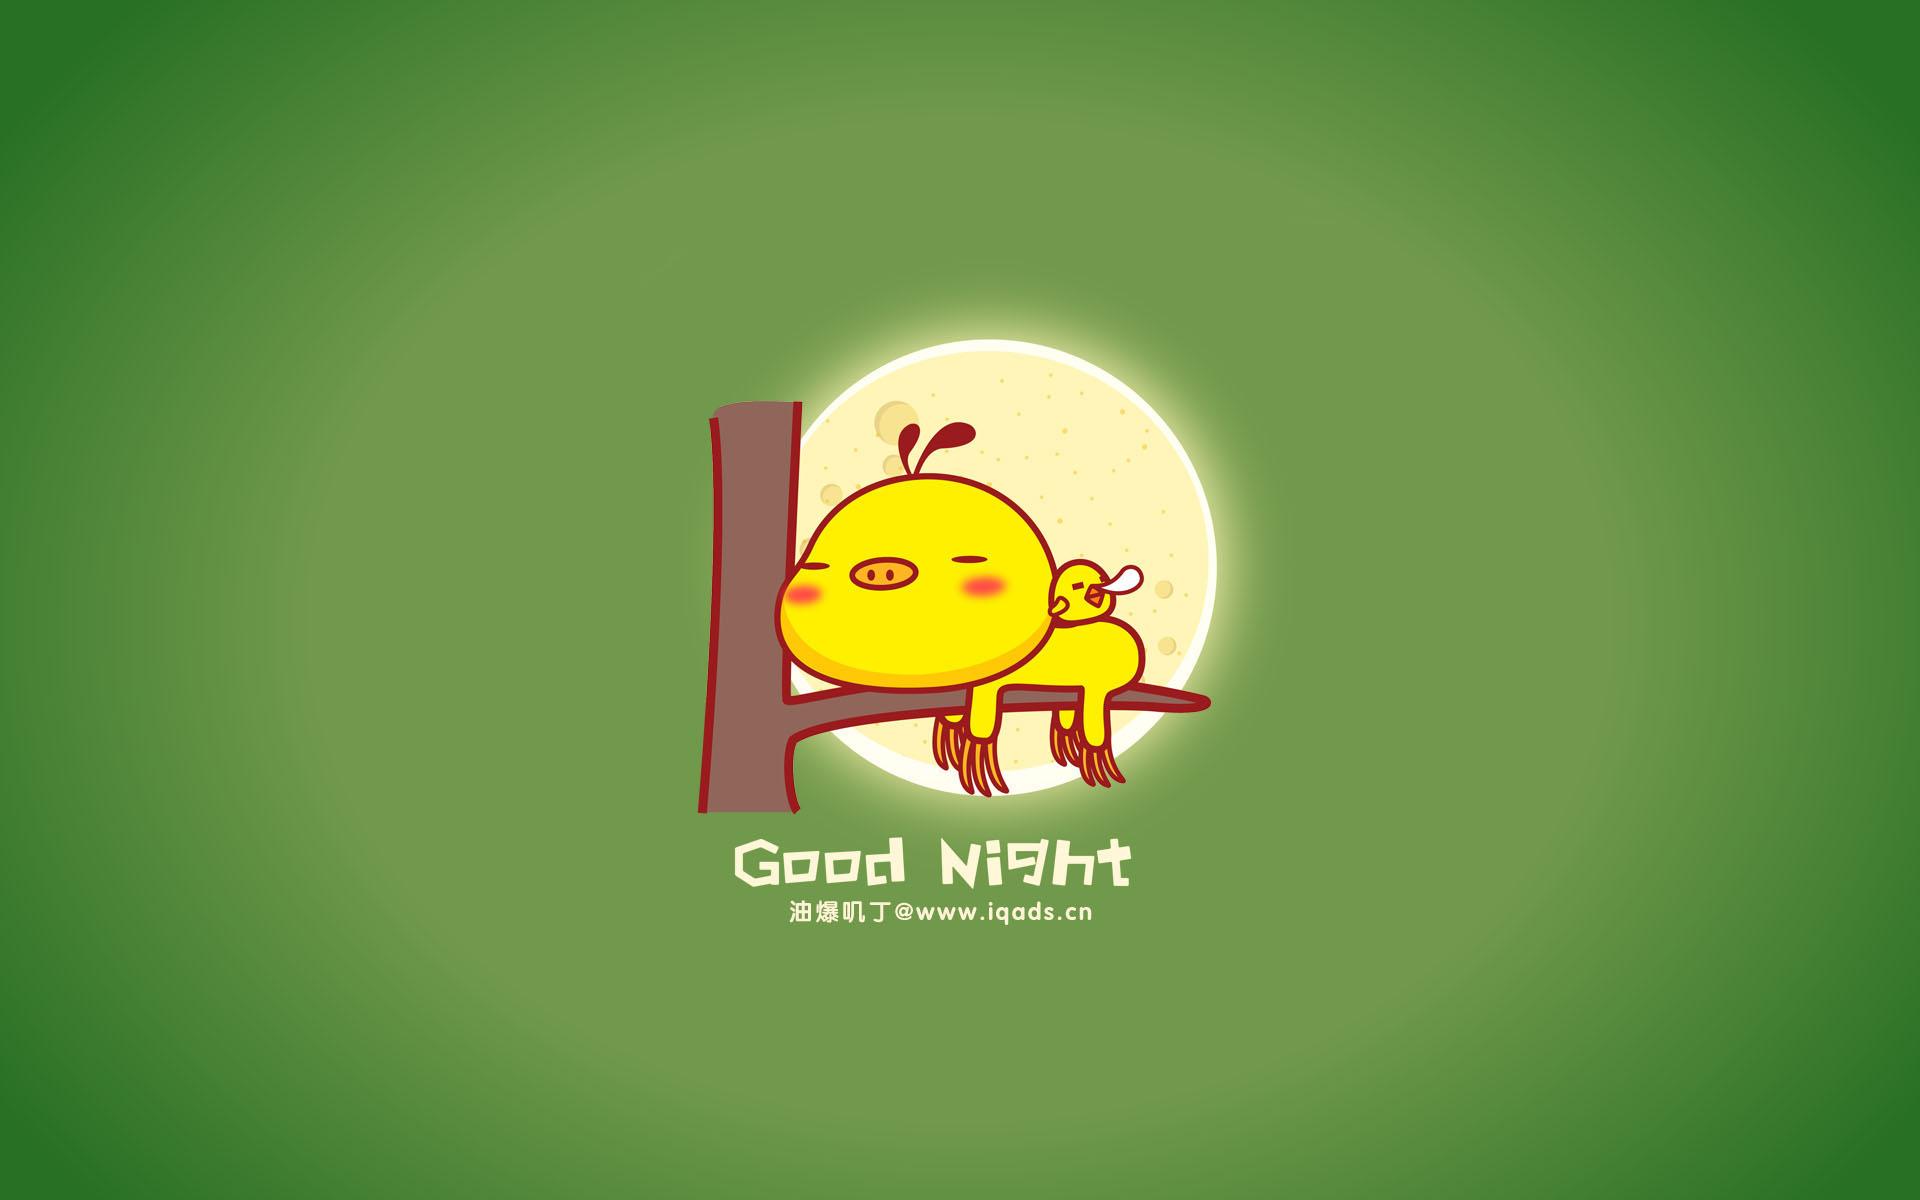 油爆叽丁 晚安 可爱卡通宽屏壁纸(壁纸6)